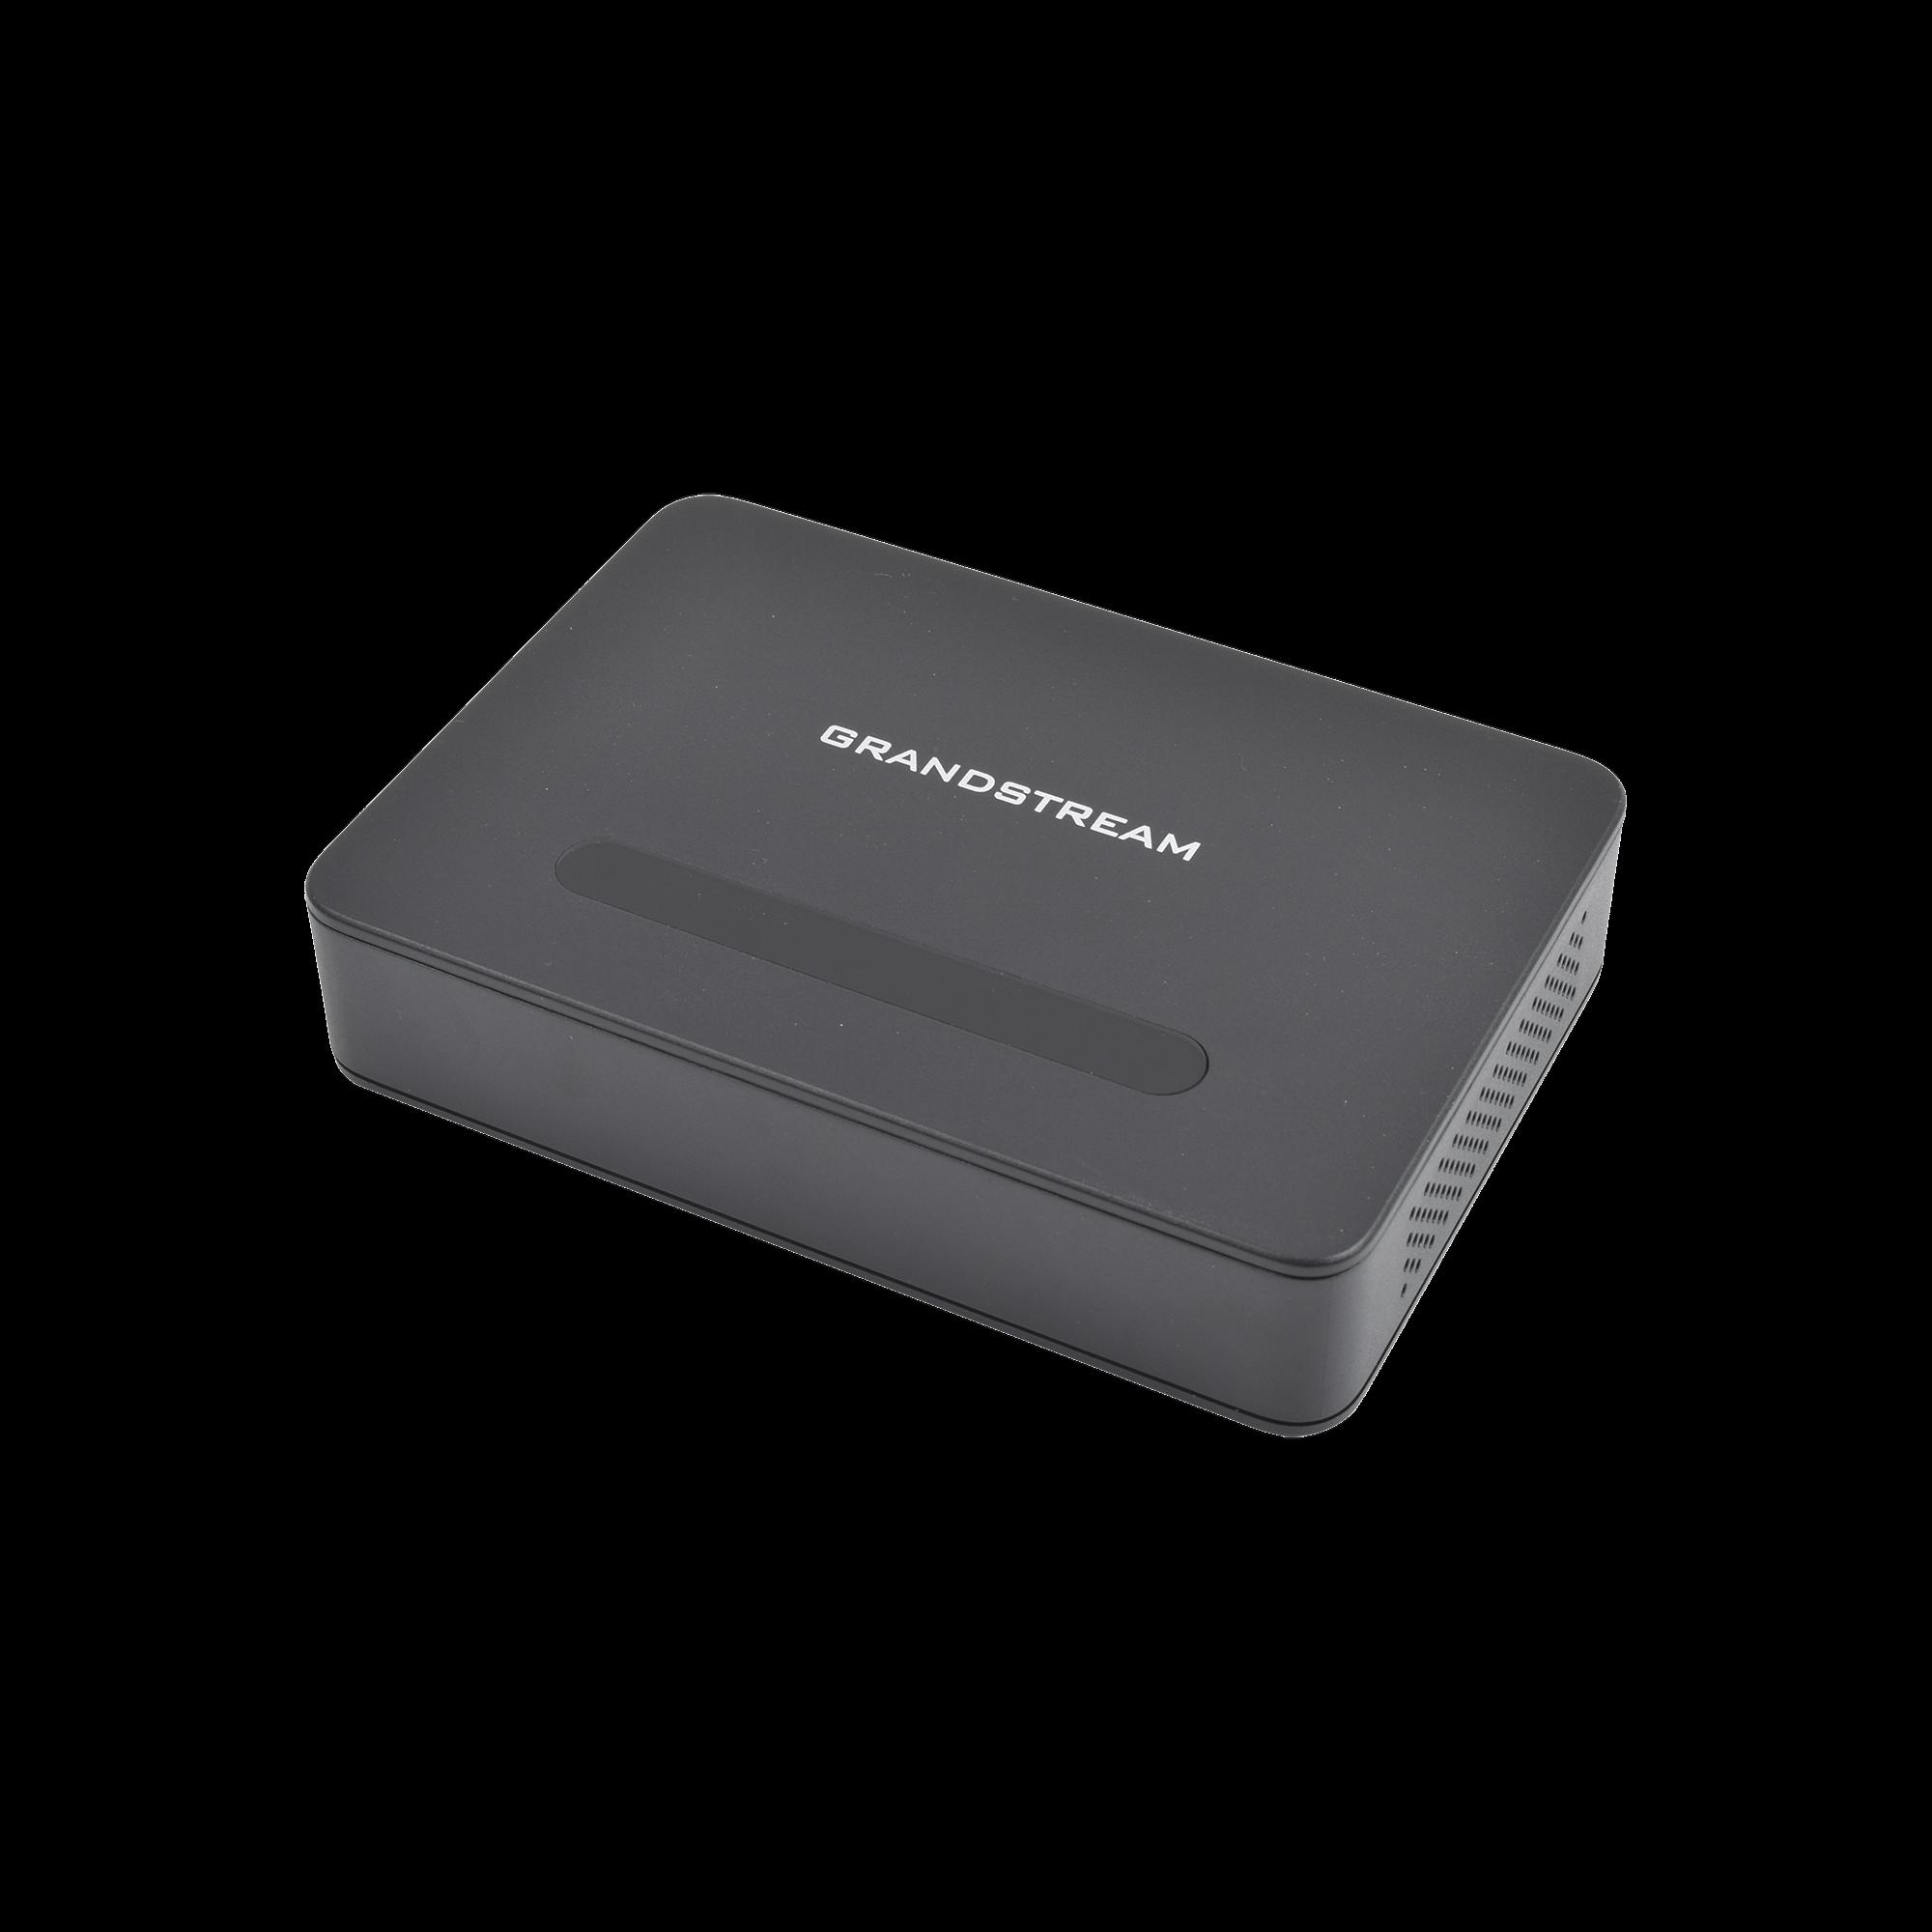 Repetidor DECT para base DP750 y handset DP720, hasta 300 m en exterior y hasta 50 m en interior